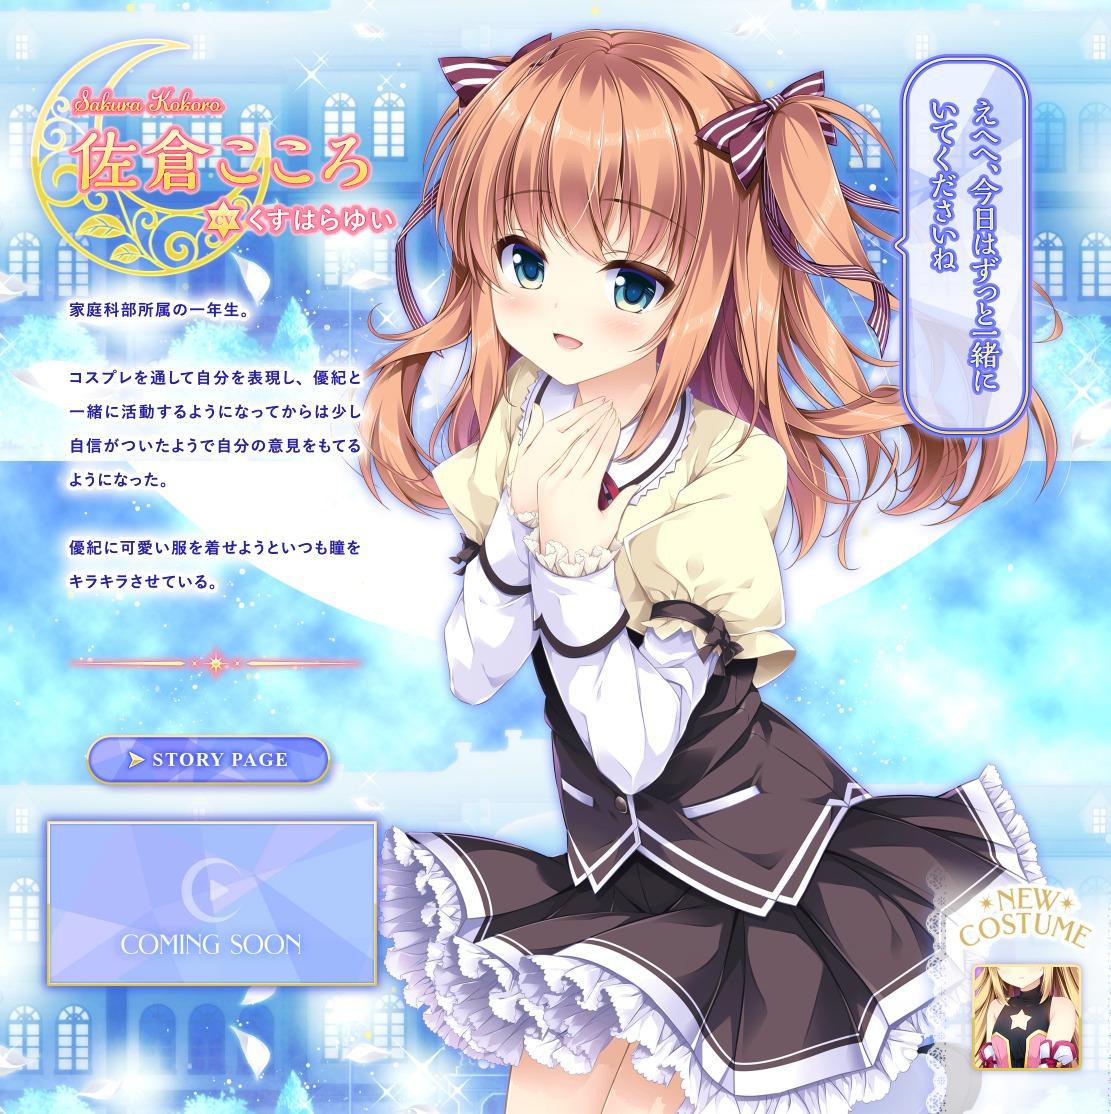 乙女が結ぶ月夜の煌めき Fullmoon Days 公式サイト Character:佐倉こころ